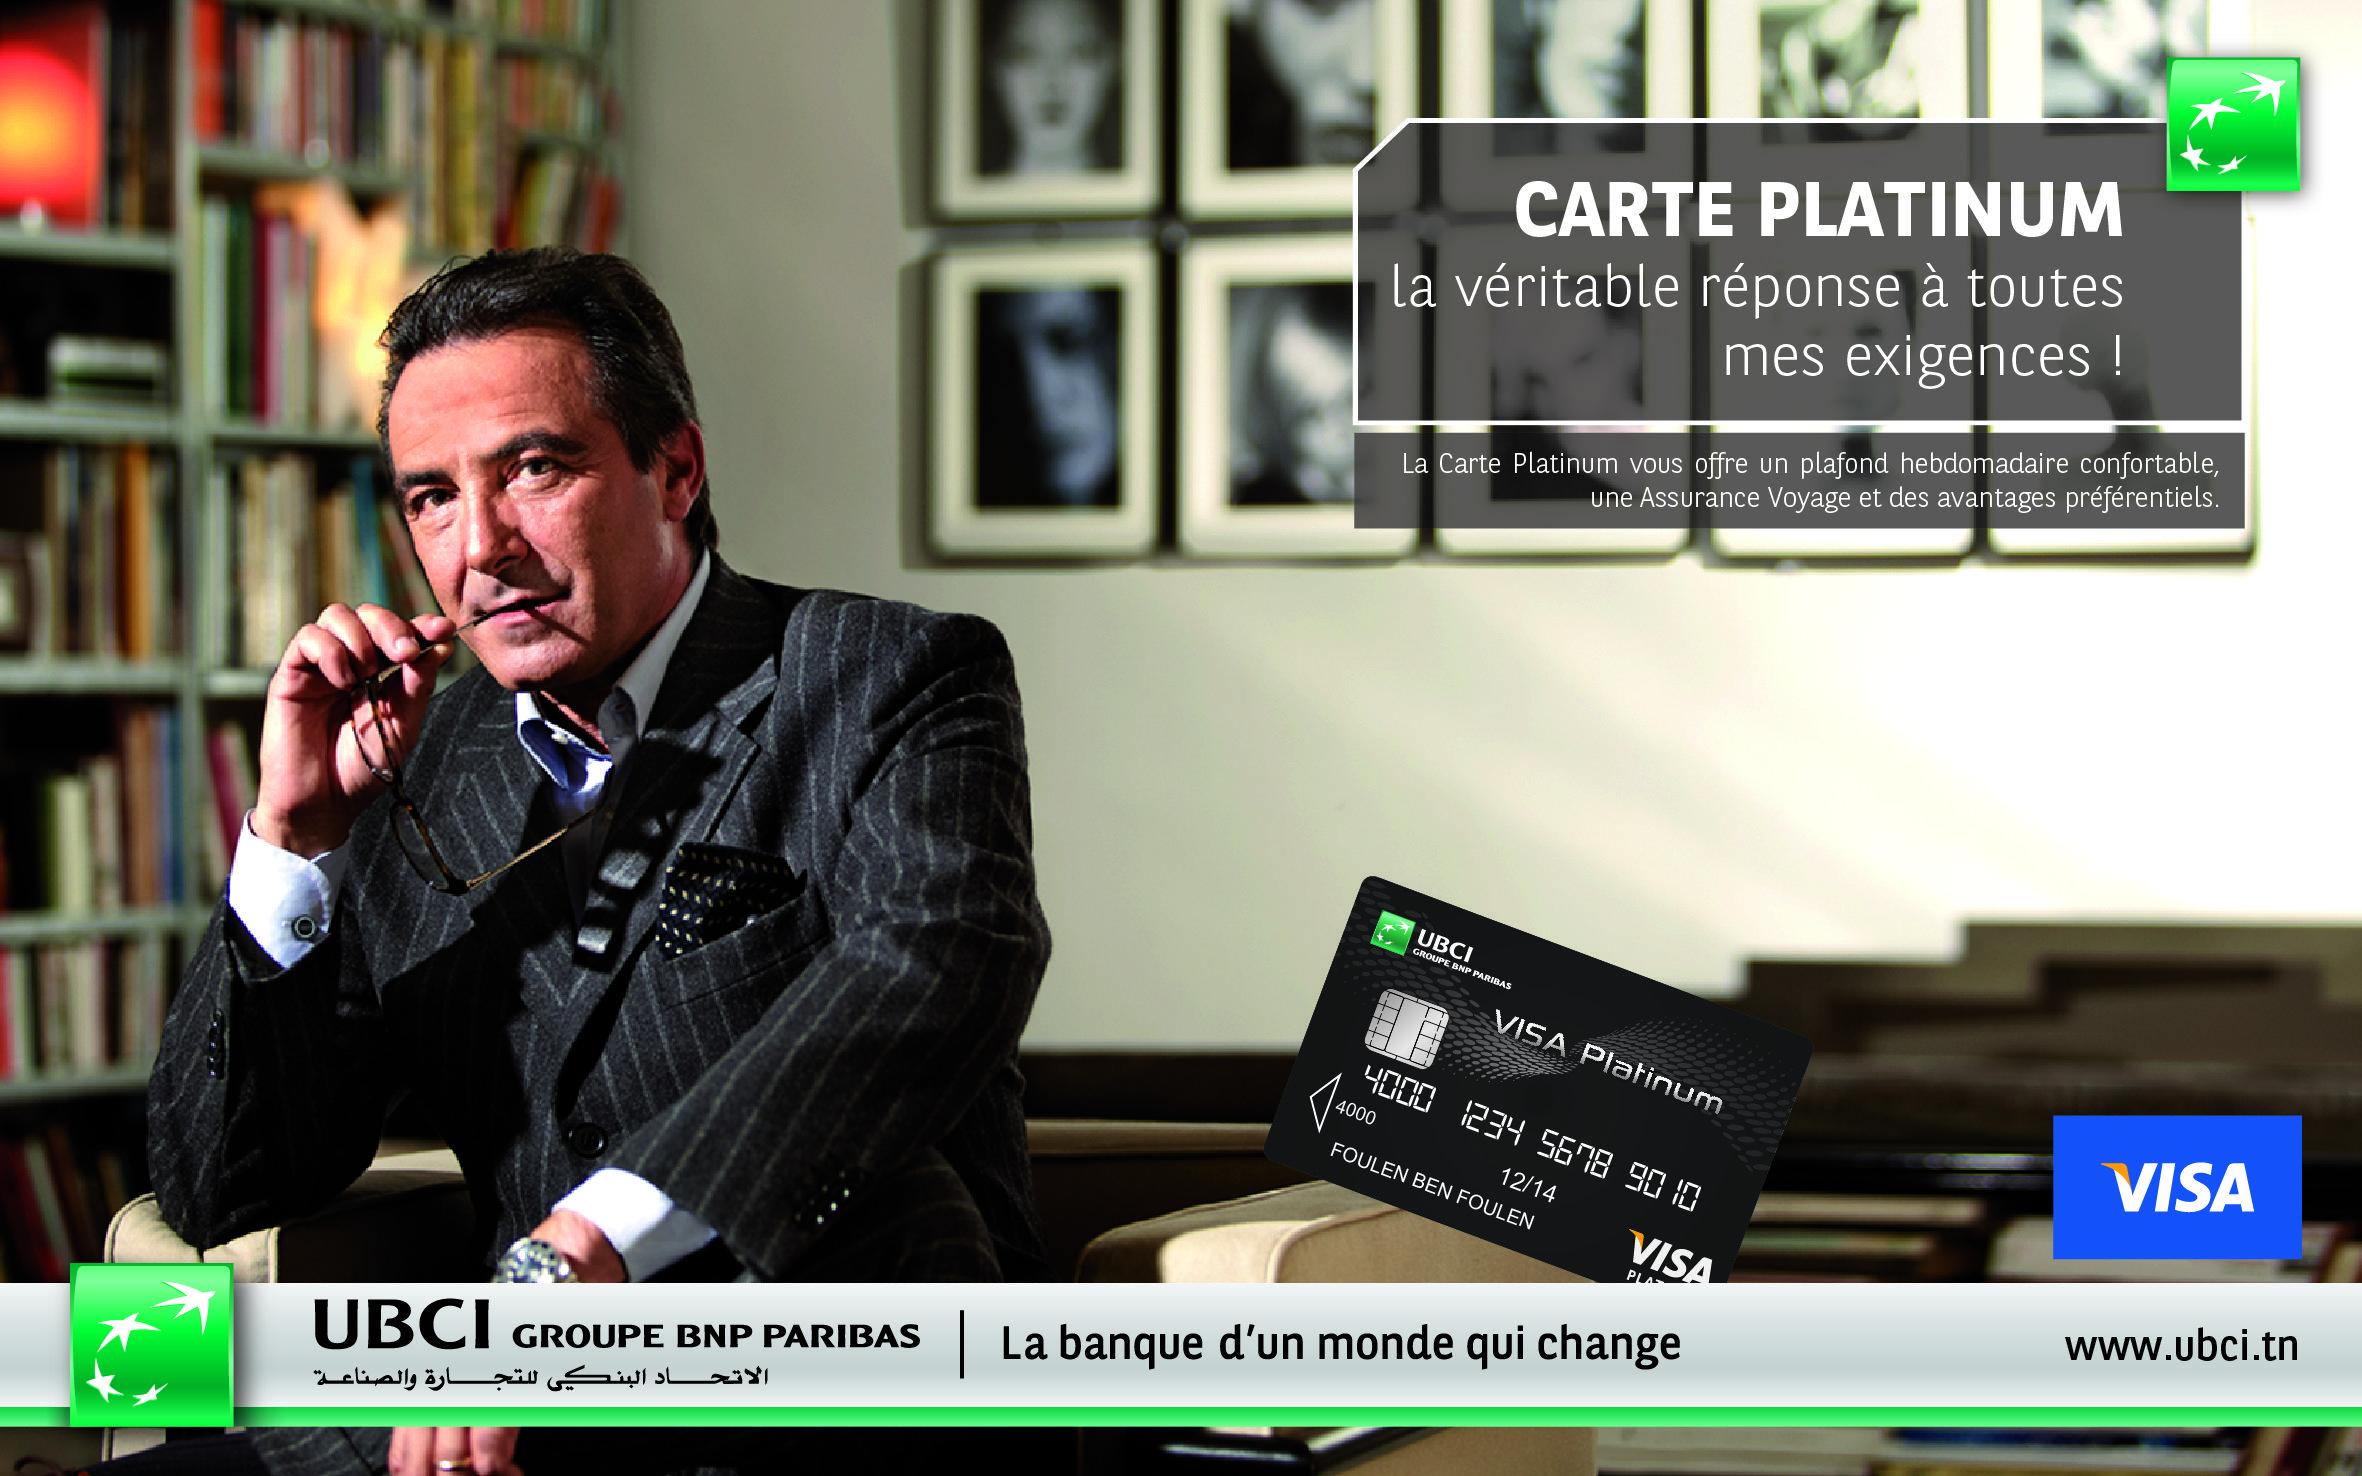 Carte Platinum La Veritable Reponse A Toutes Mes Exigences La